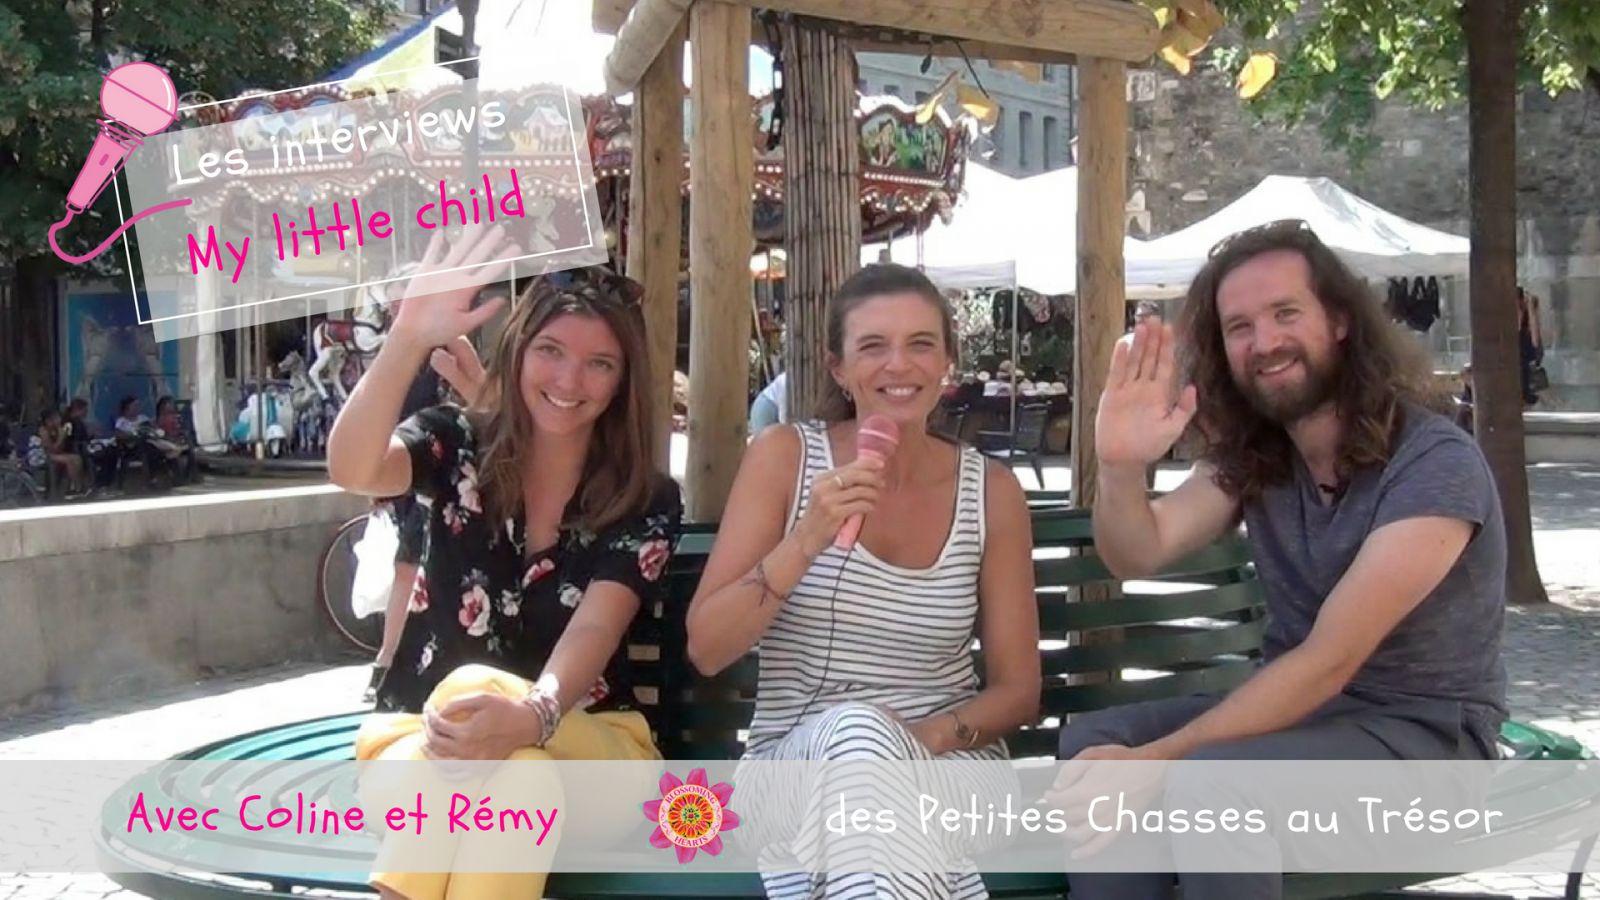 """Interview """"My little child"""" avec Coline et Rémy du blog """"Les Petites Chasses au Trésor"""""""